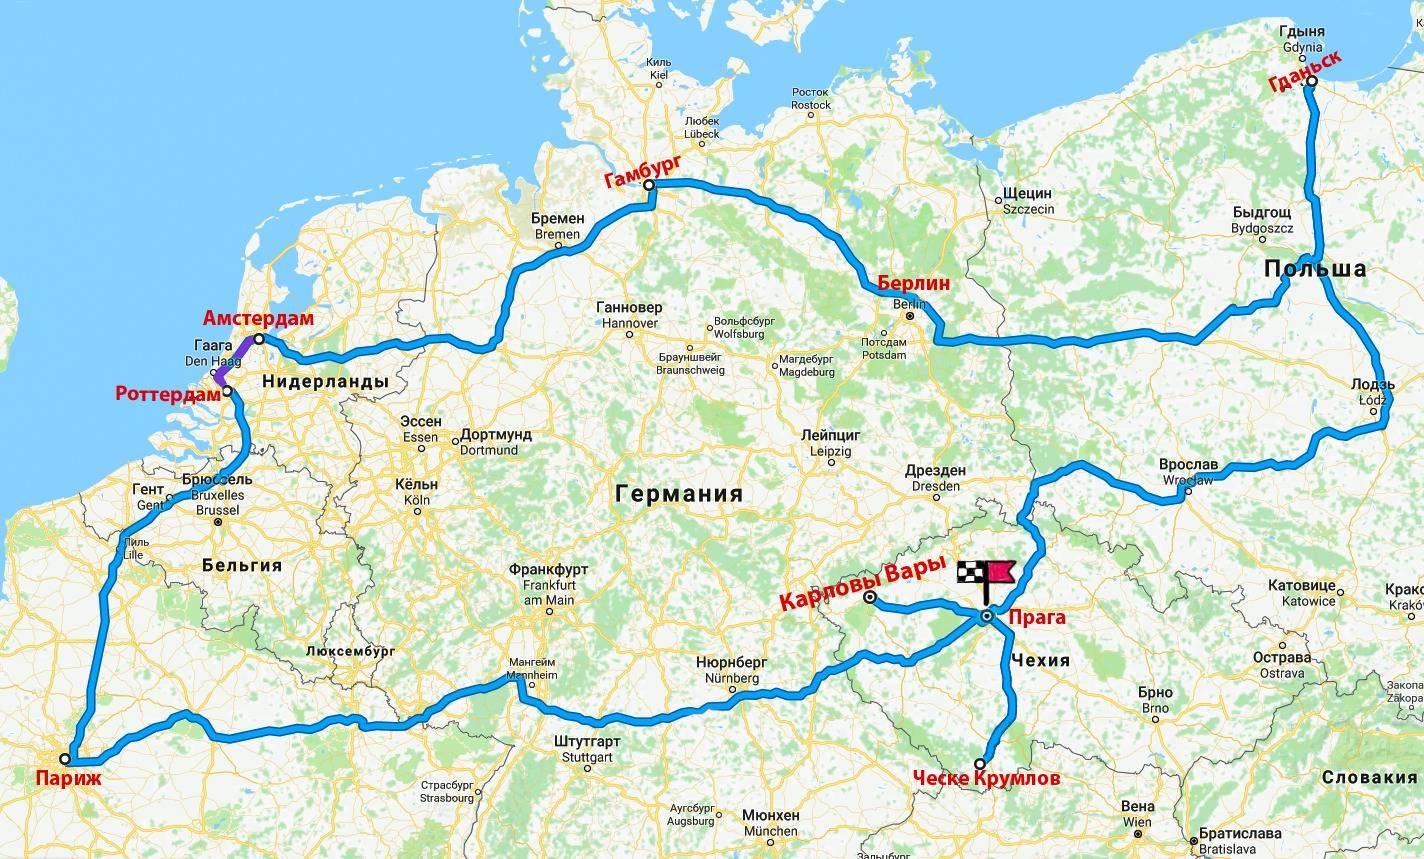 Сколько километров от мюнхена до гамбурга